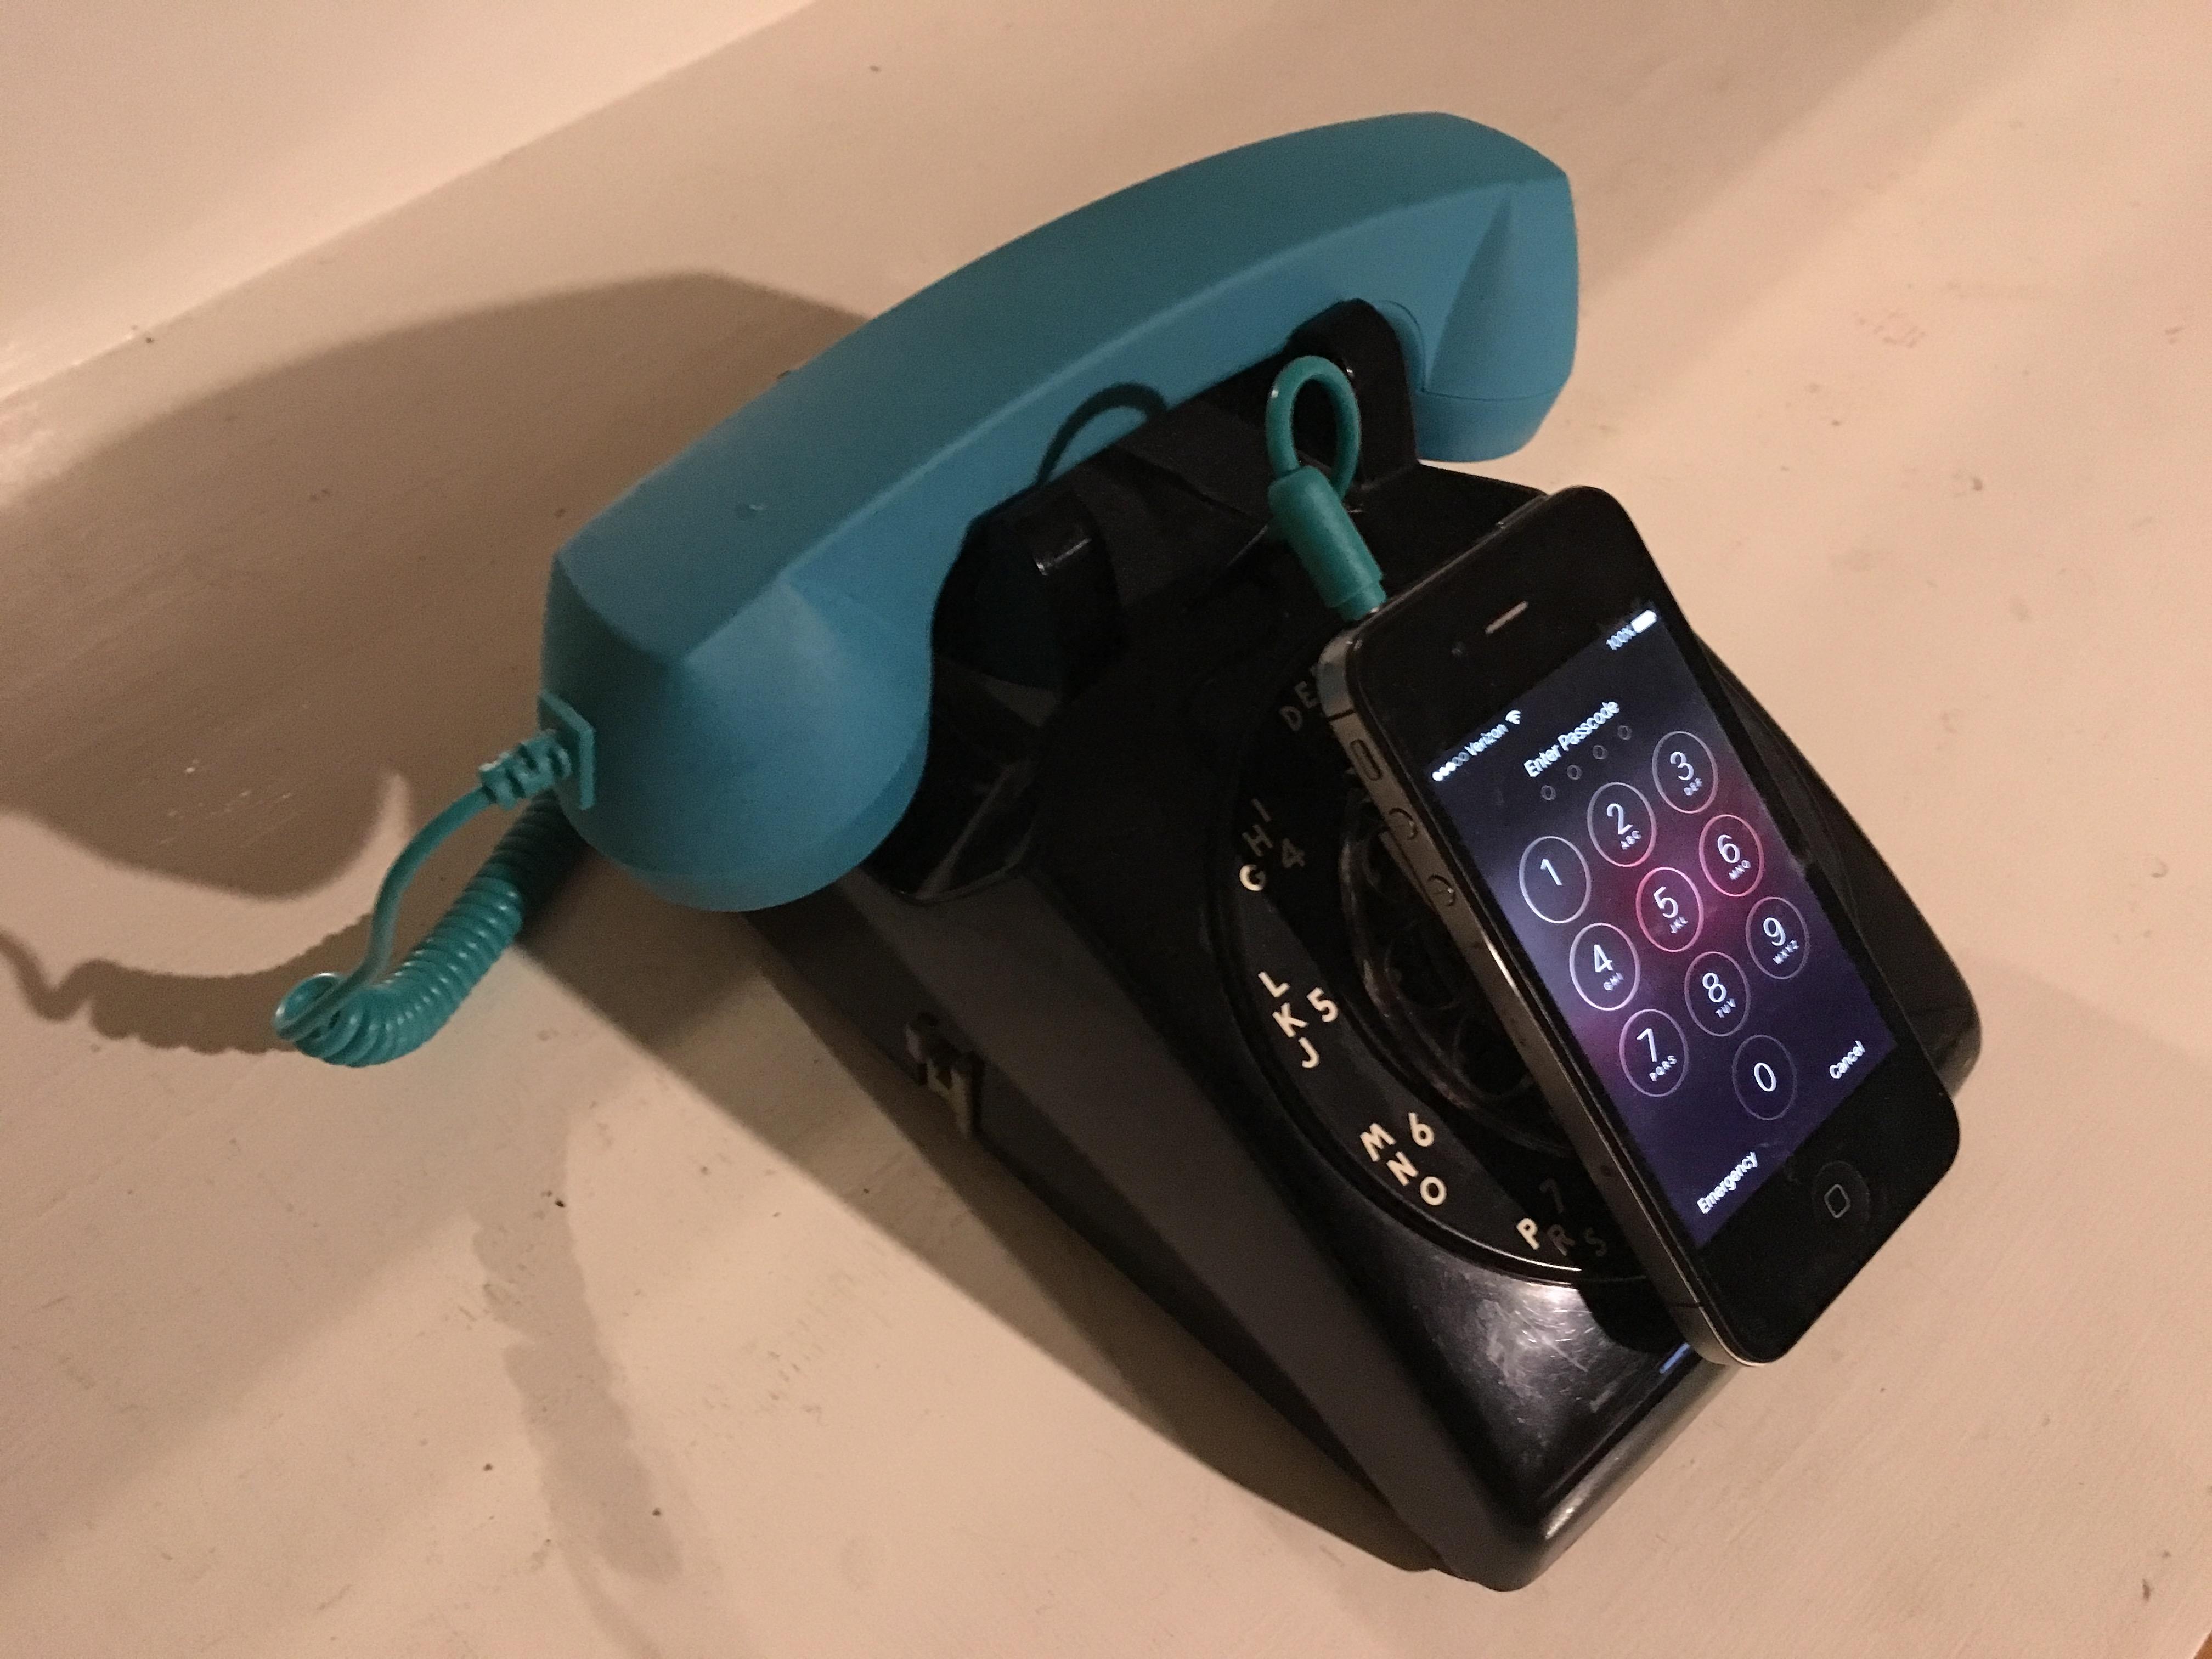 Wireless Landline